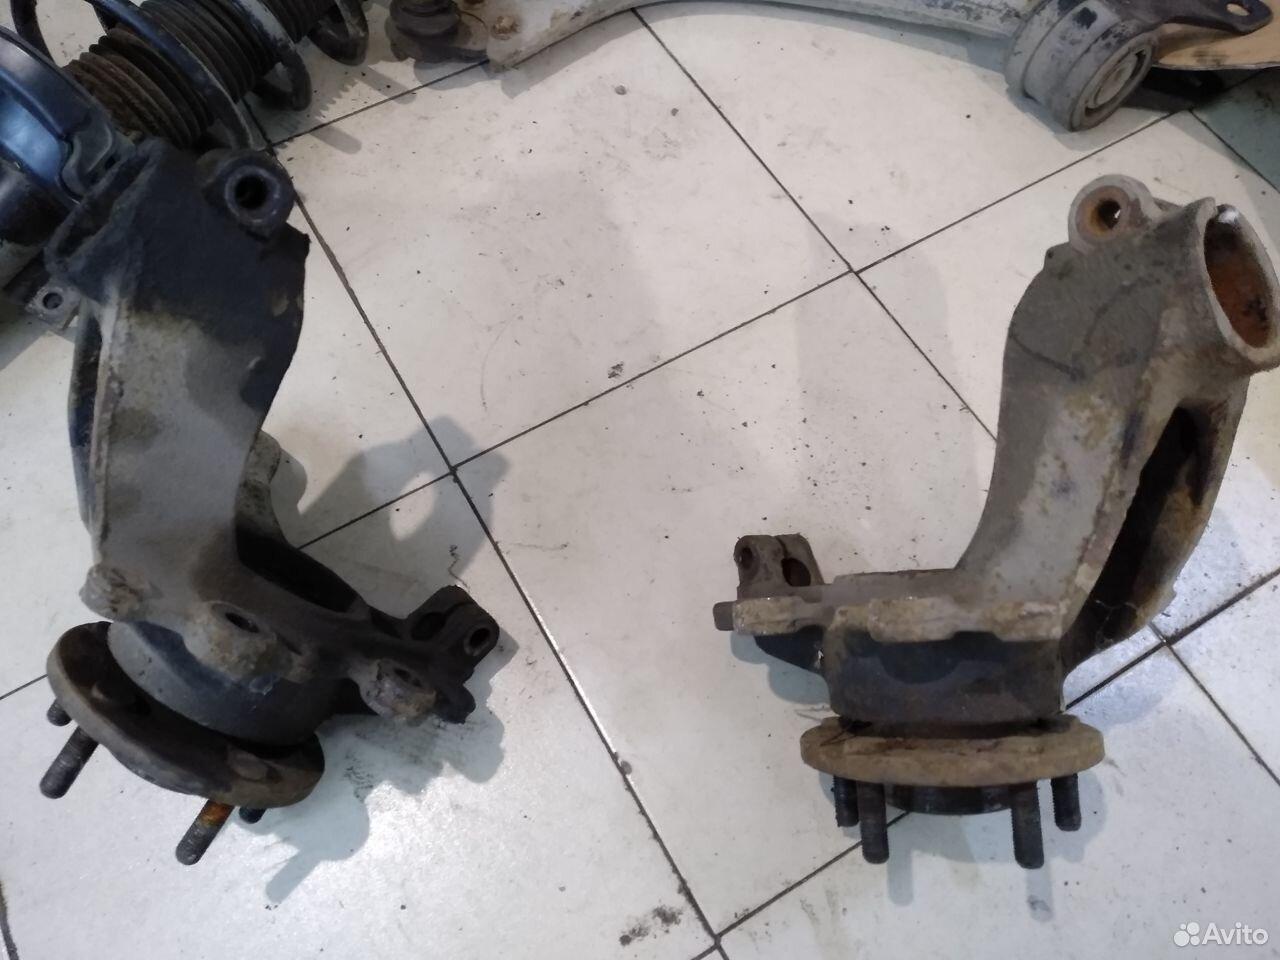 Кулак поворотный левый и правый Focus III  89185070564 купить 2